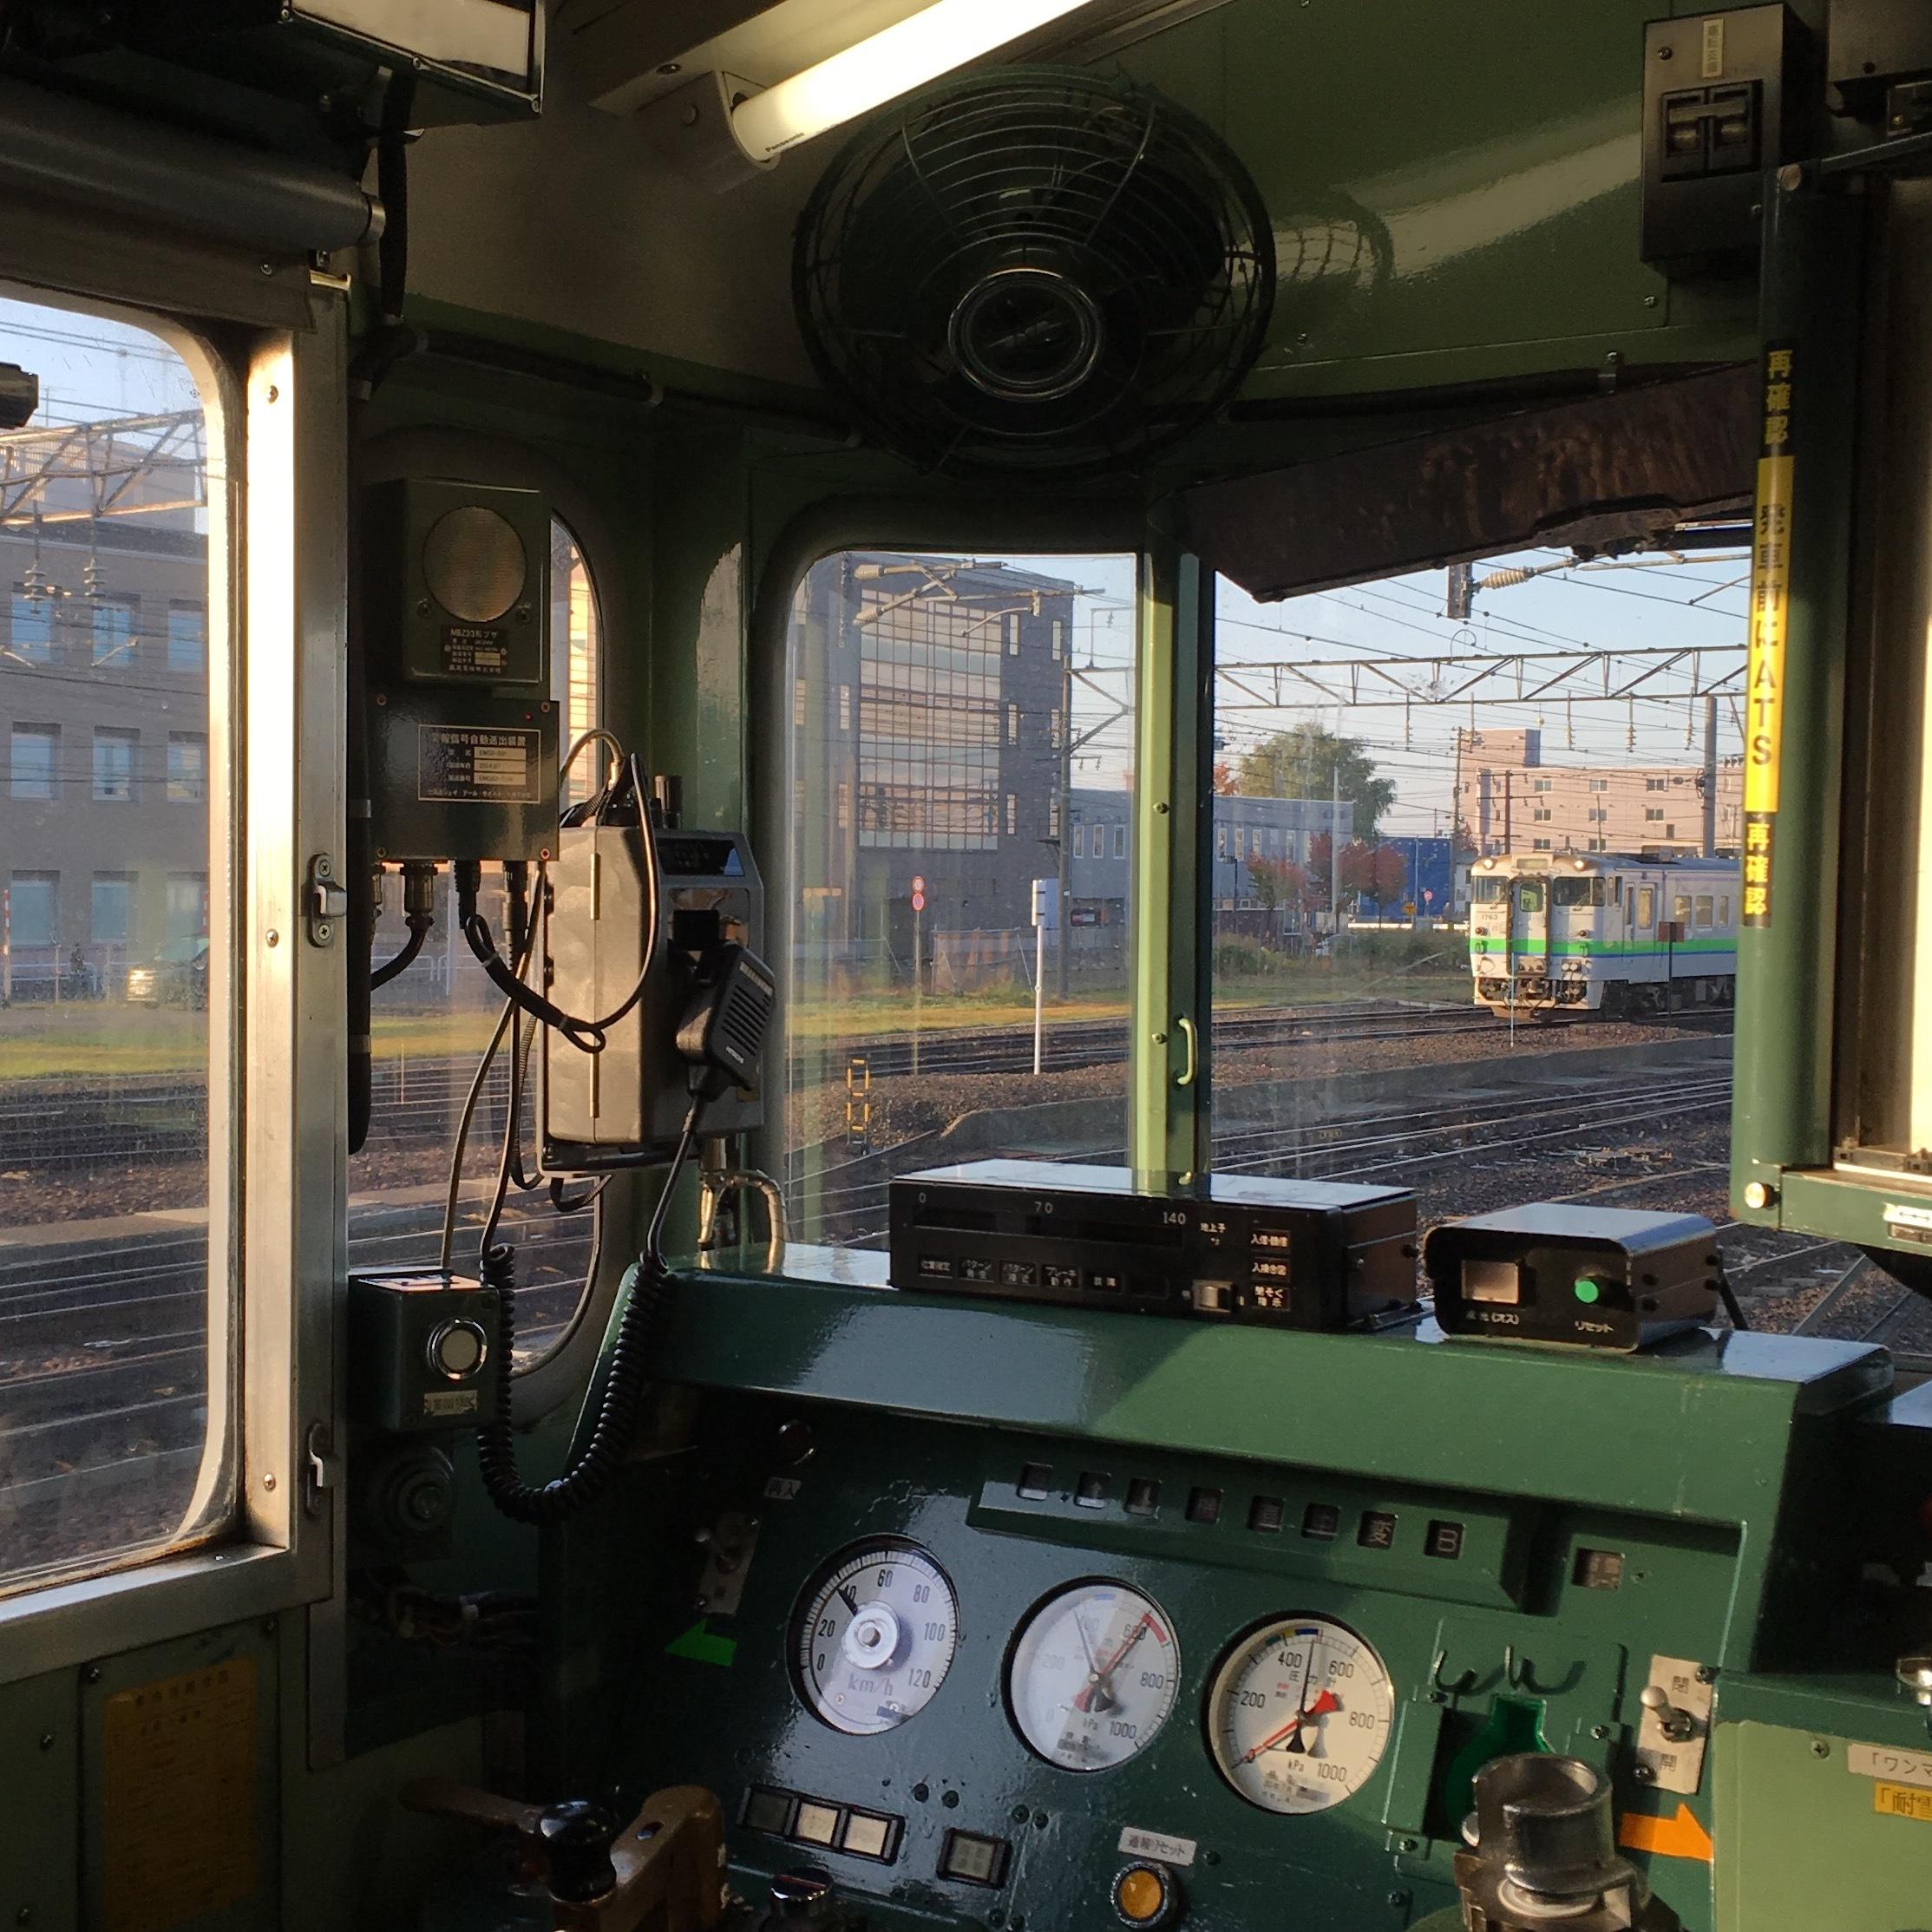 何もないことのよさを味わう、小さな駅への旅。_1_1-2